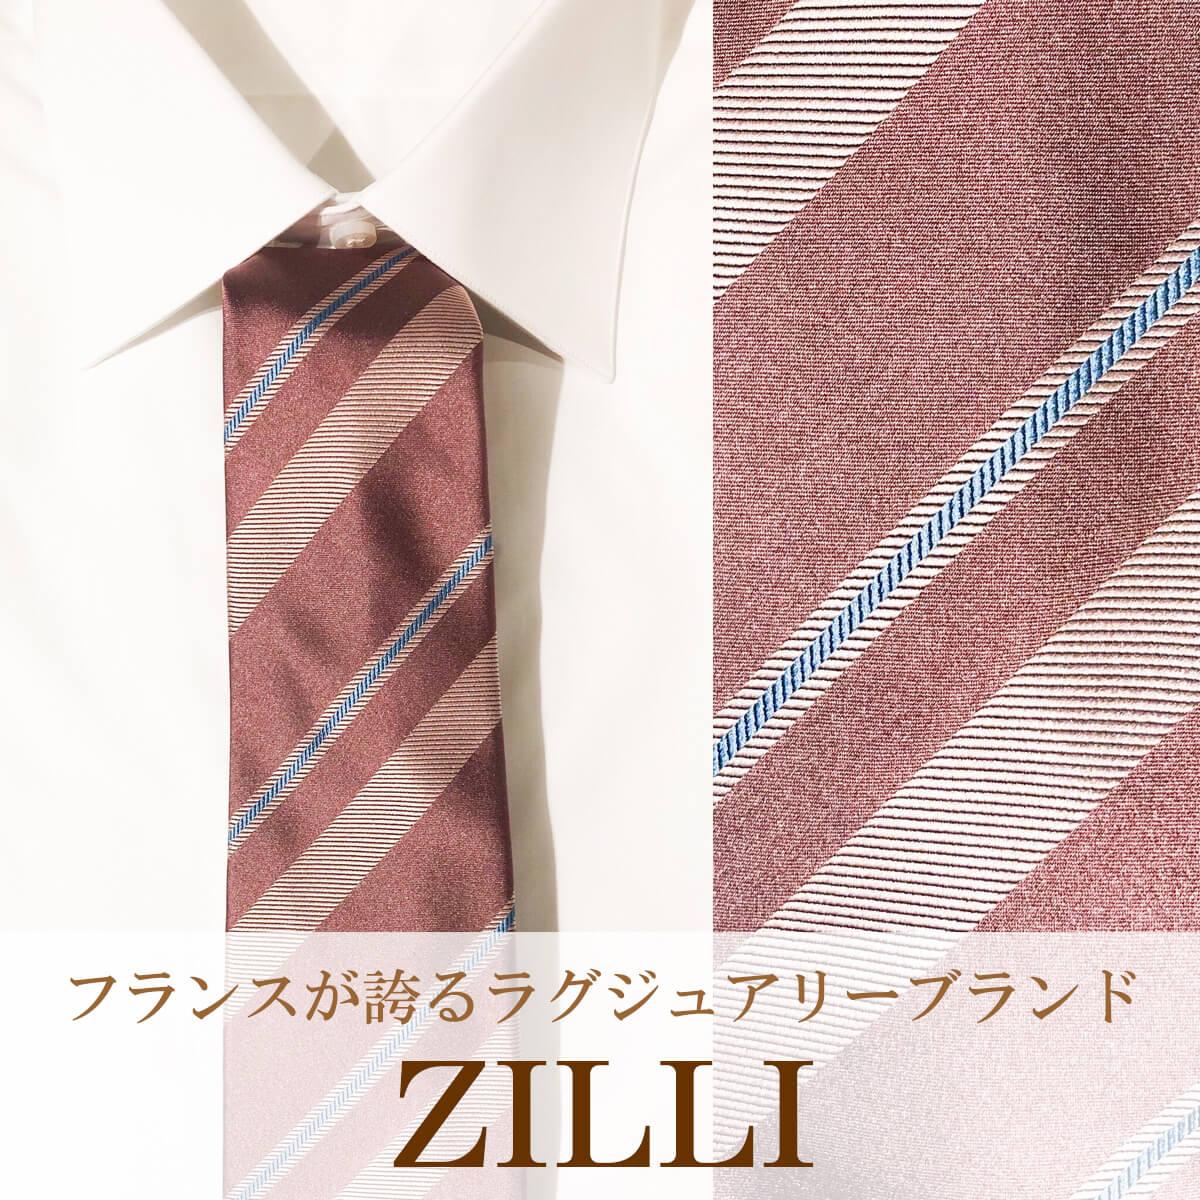 ZILLI (ジリー)ネクタイ ブランド ジリー ZILLI ジャガード 細身 セブンフォールド 結婚式 パーティー おしゃれ